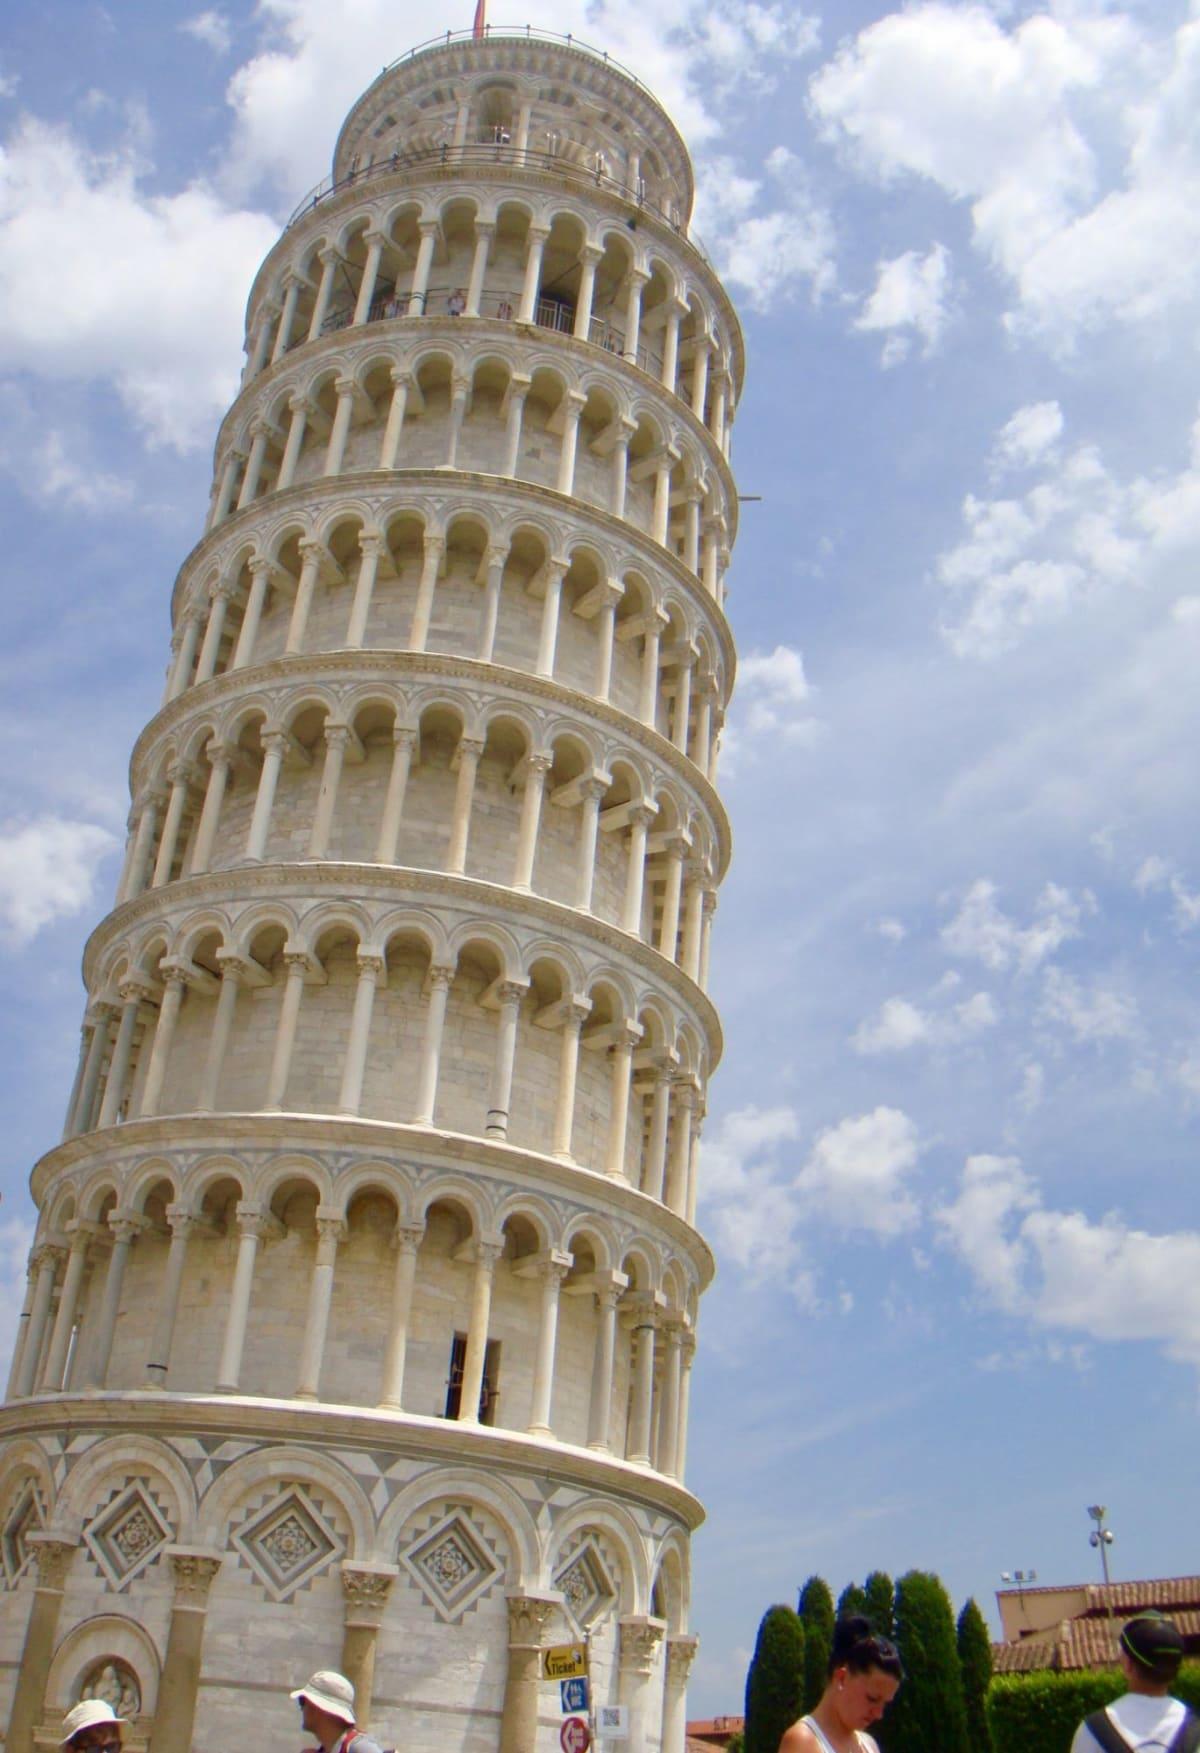 実際に見ると、美しさに圧倒されるピサの斜塔。 | リヴォルノ(フィレンツェ / ピサ)